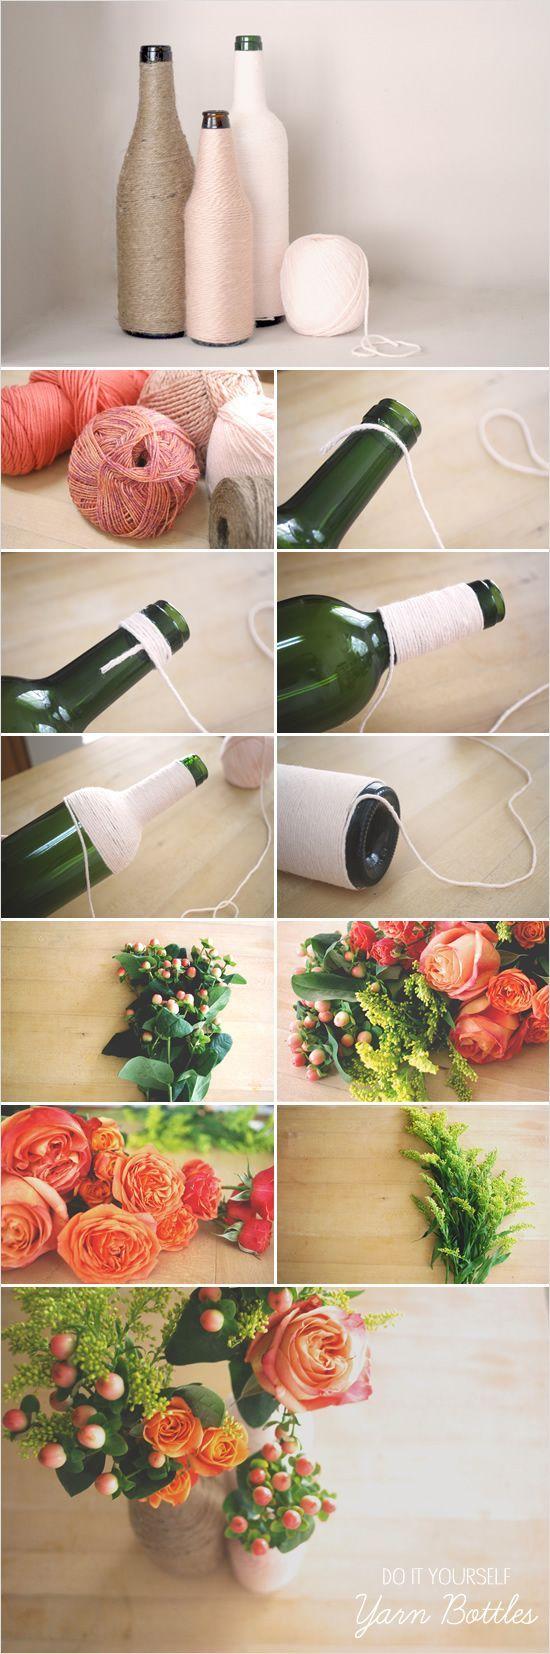 Como montar coisas para casamento rústico